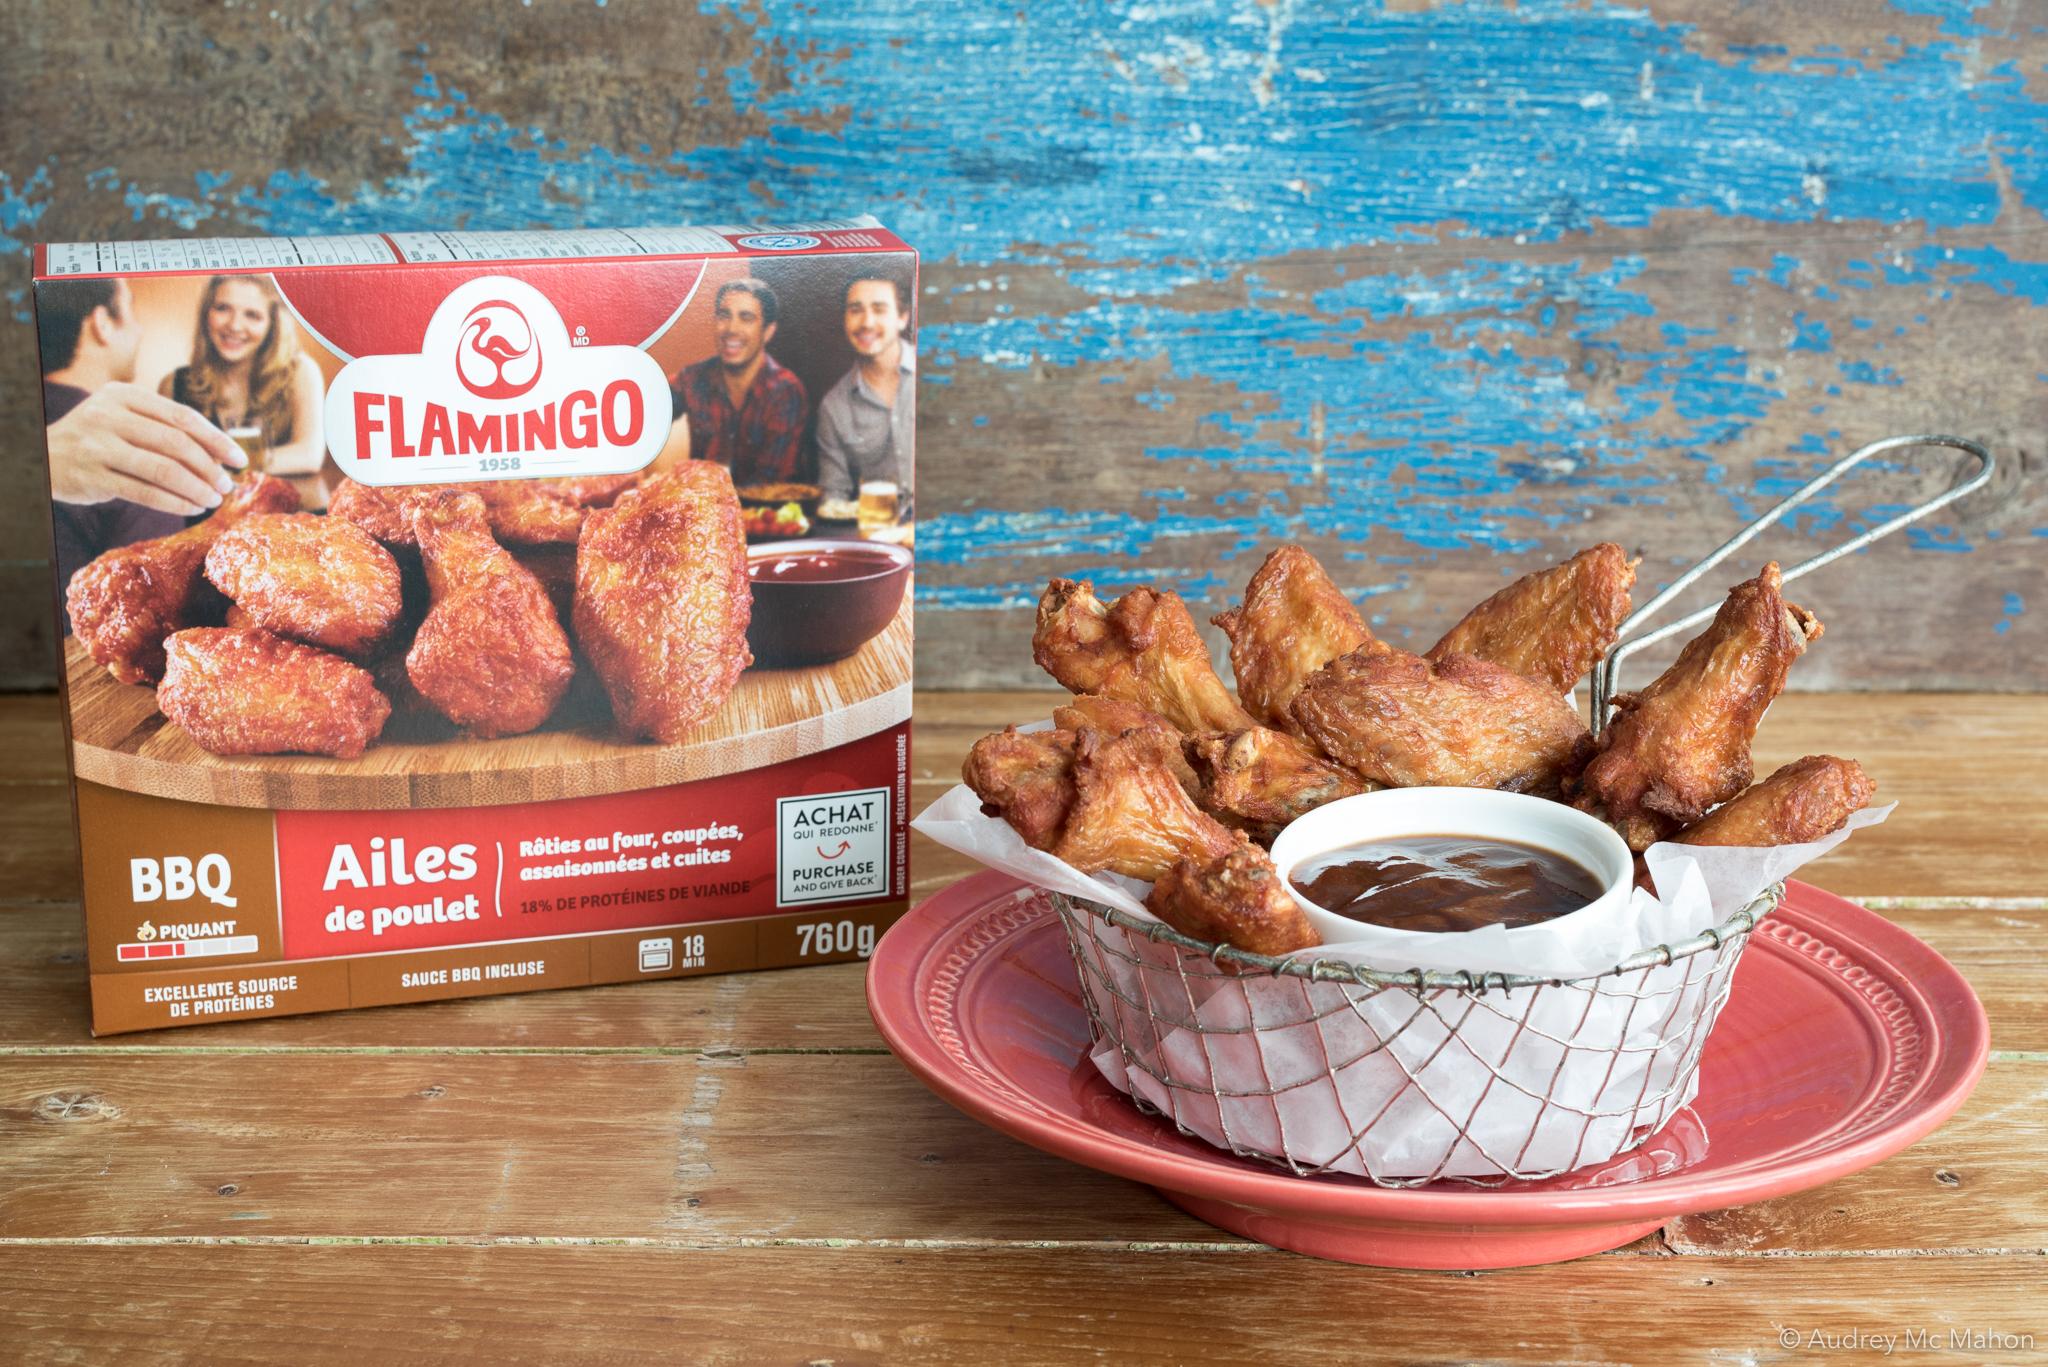 _photo Emballage Ailes de poulet Flamingo